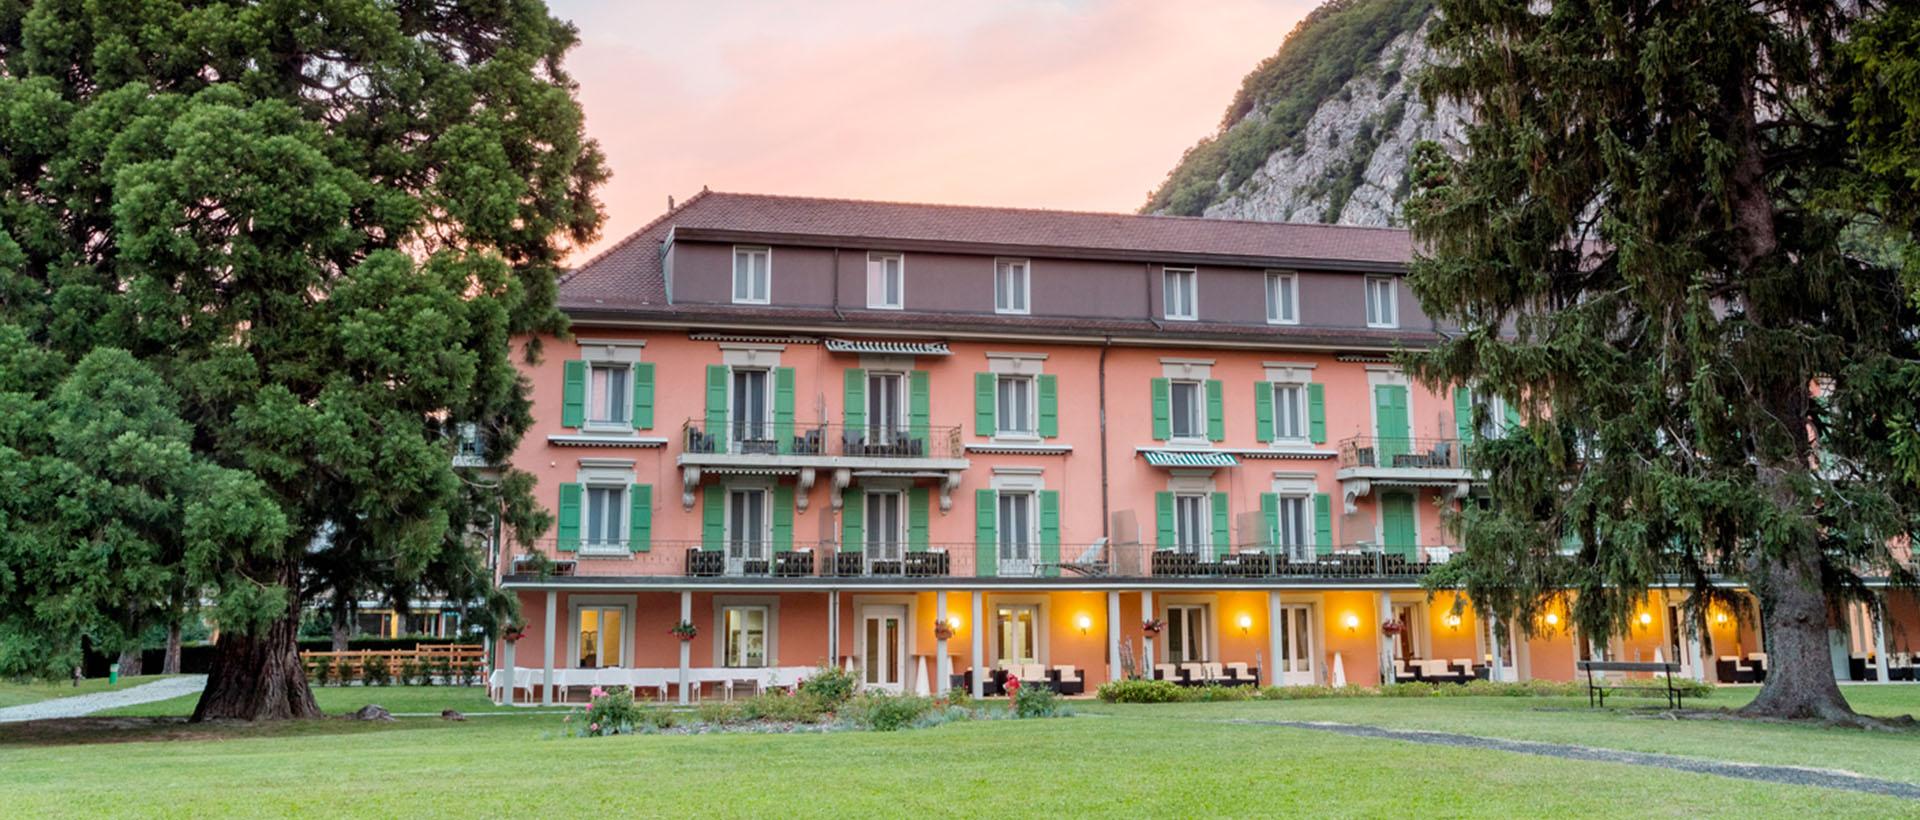 Grand Hôtel des Bains - Lavey-les-Bains - HHC Formations - Human & Health Center